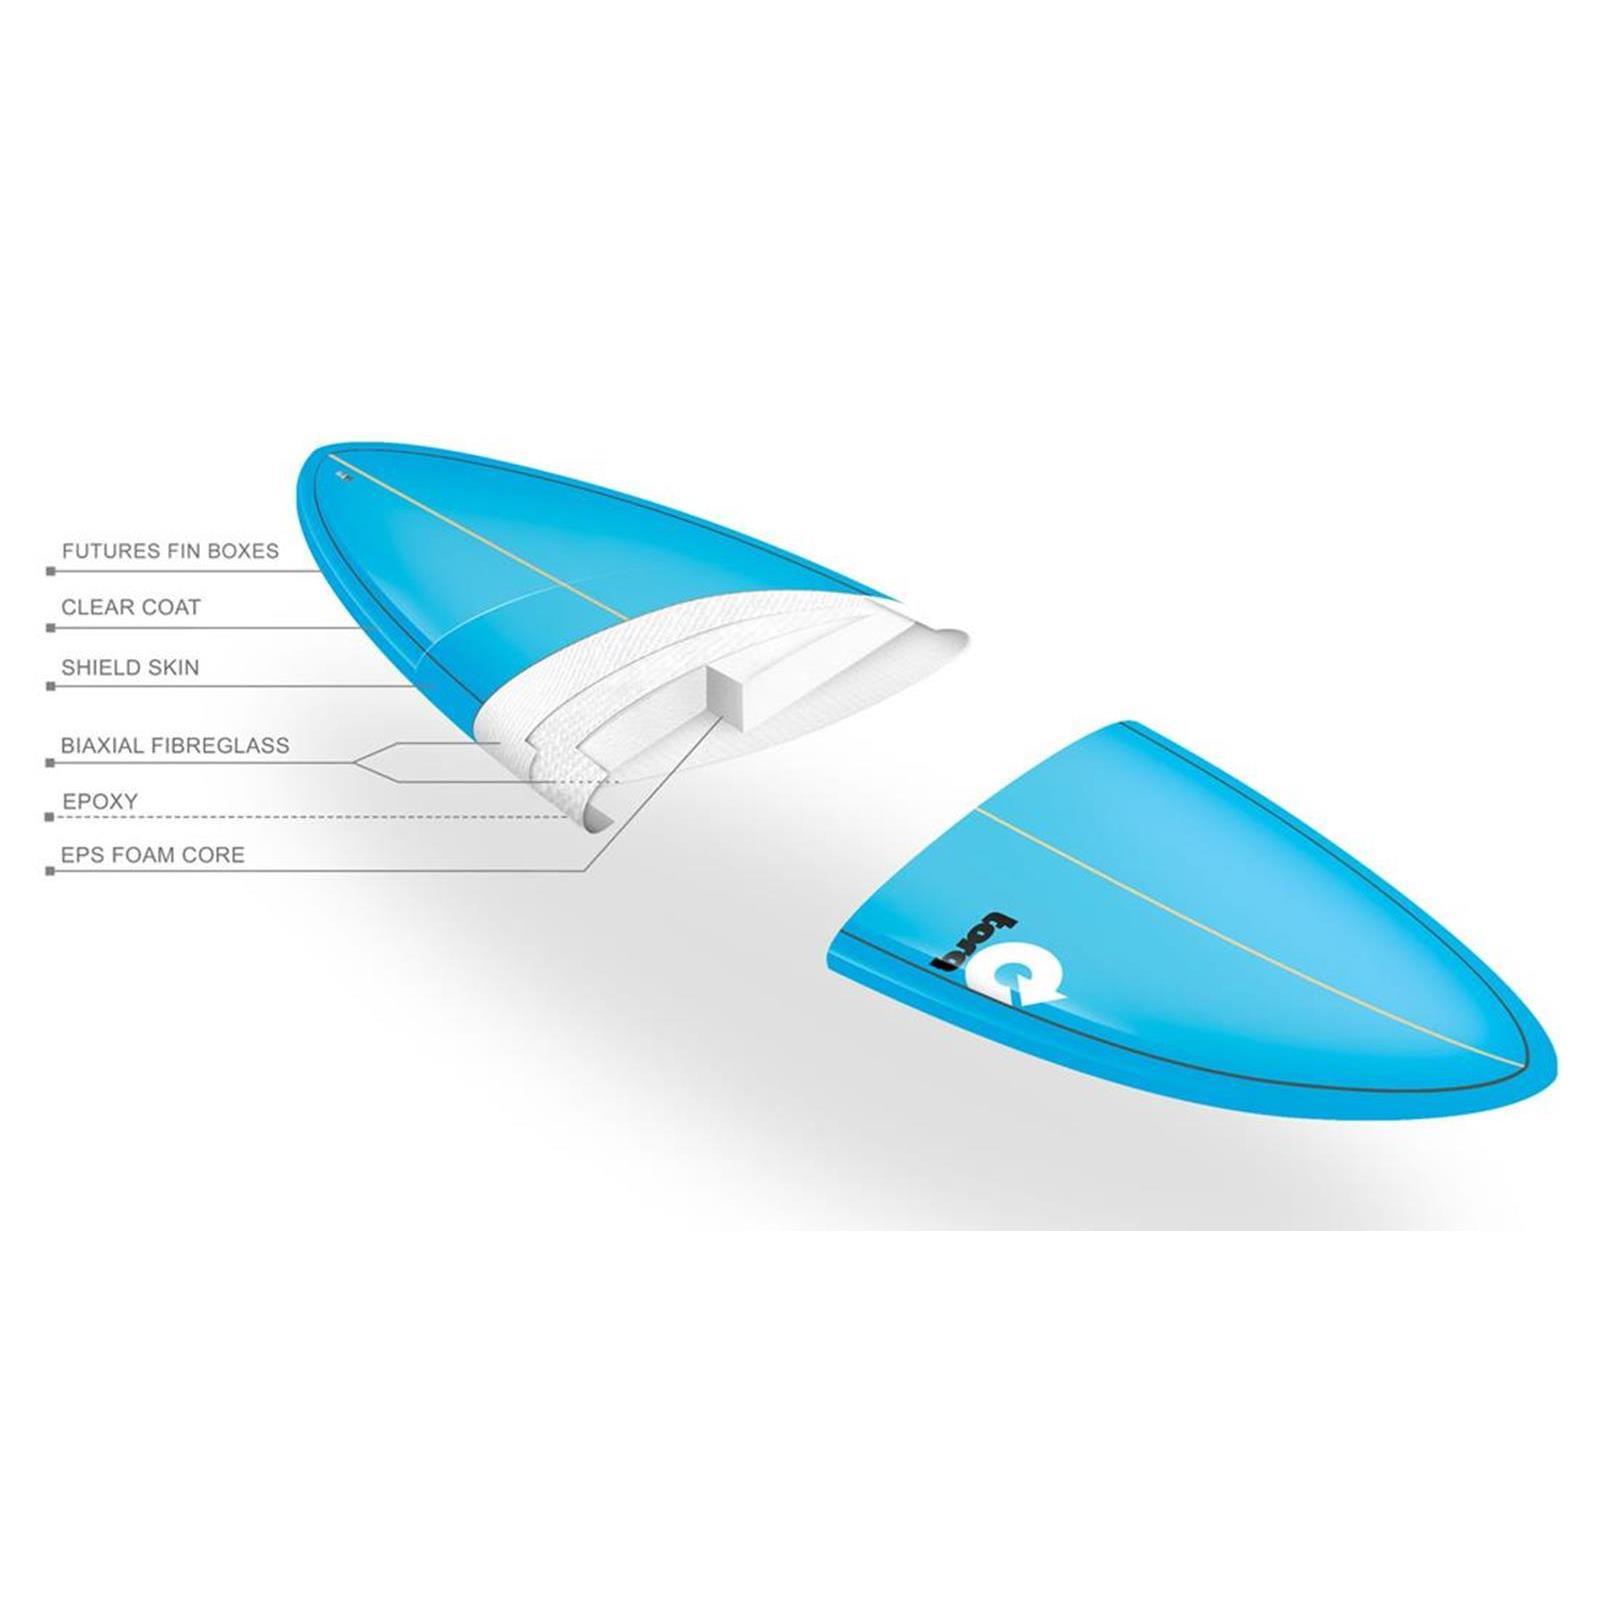 Surfboard Torq Epoxy Tet 9 0 Longboard White Surf Shop Ws7